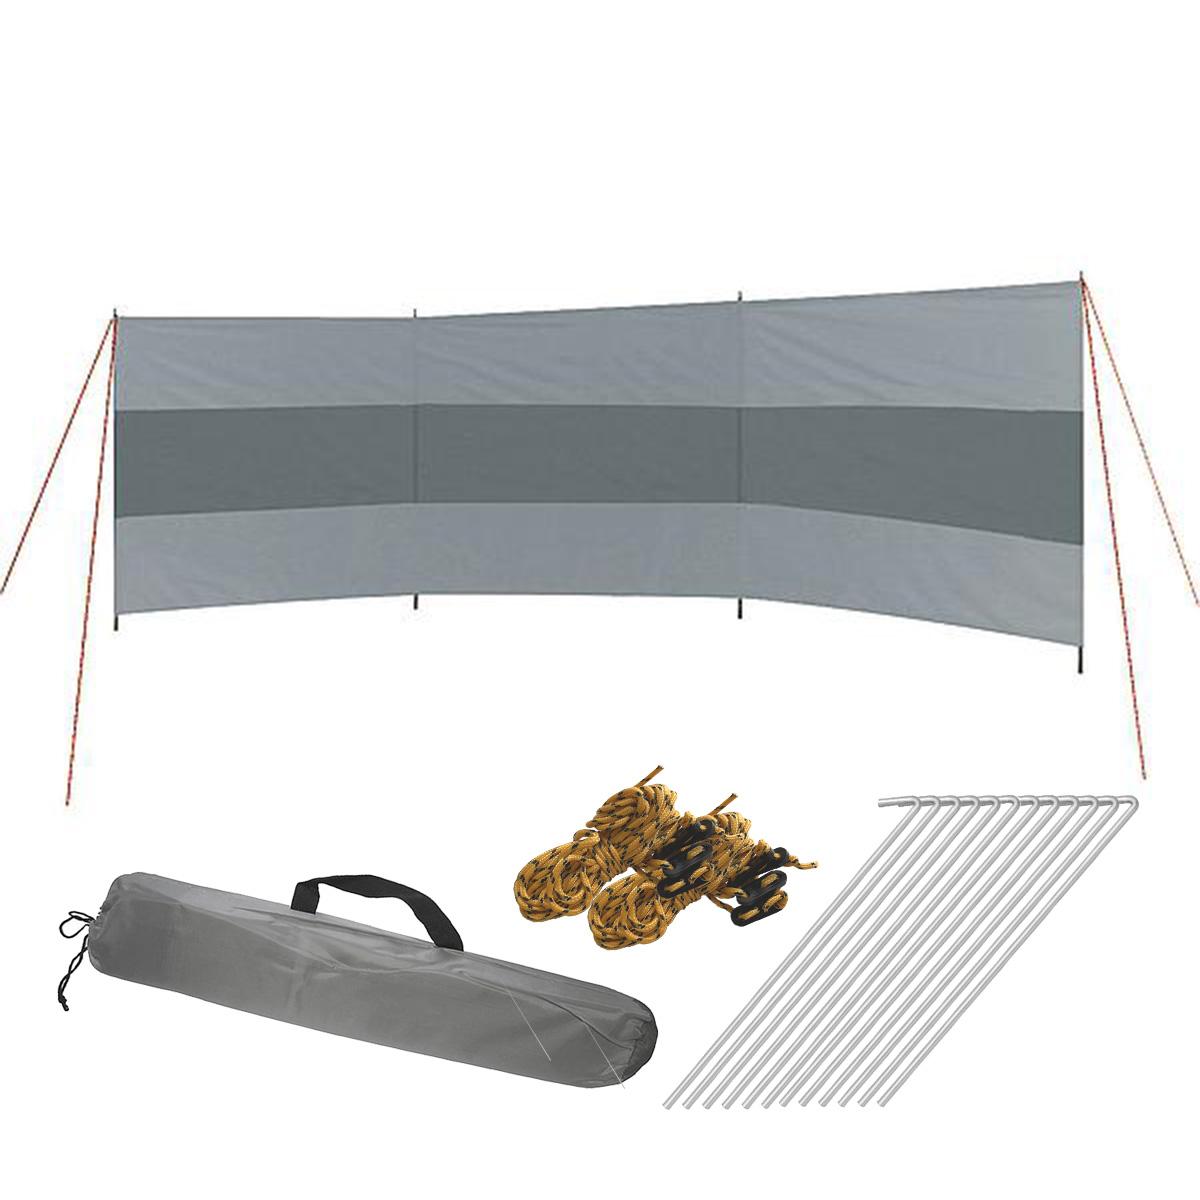 Windschutz Popular | 3 Teile | Campingsichtschutz mit Stangen